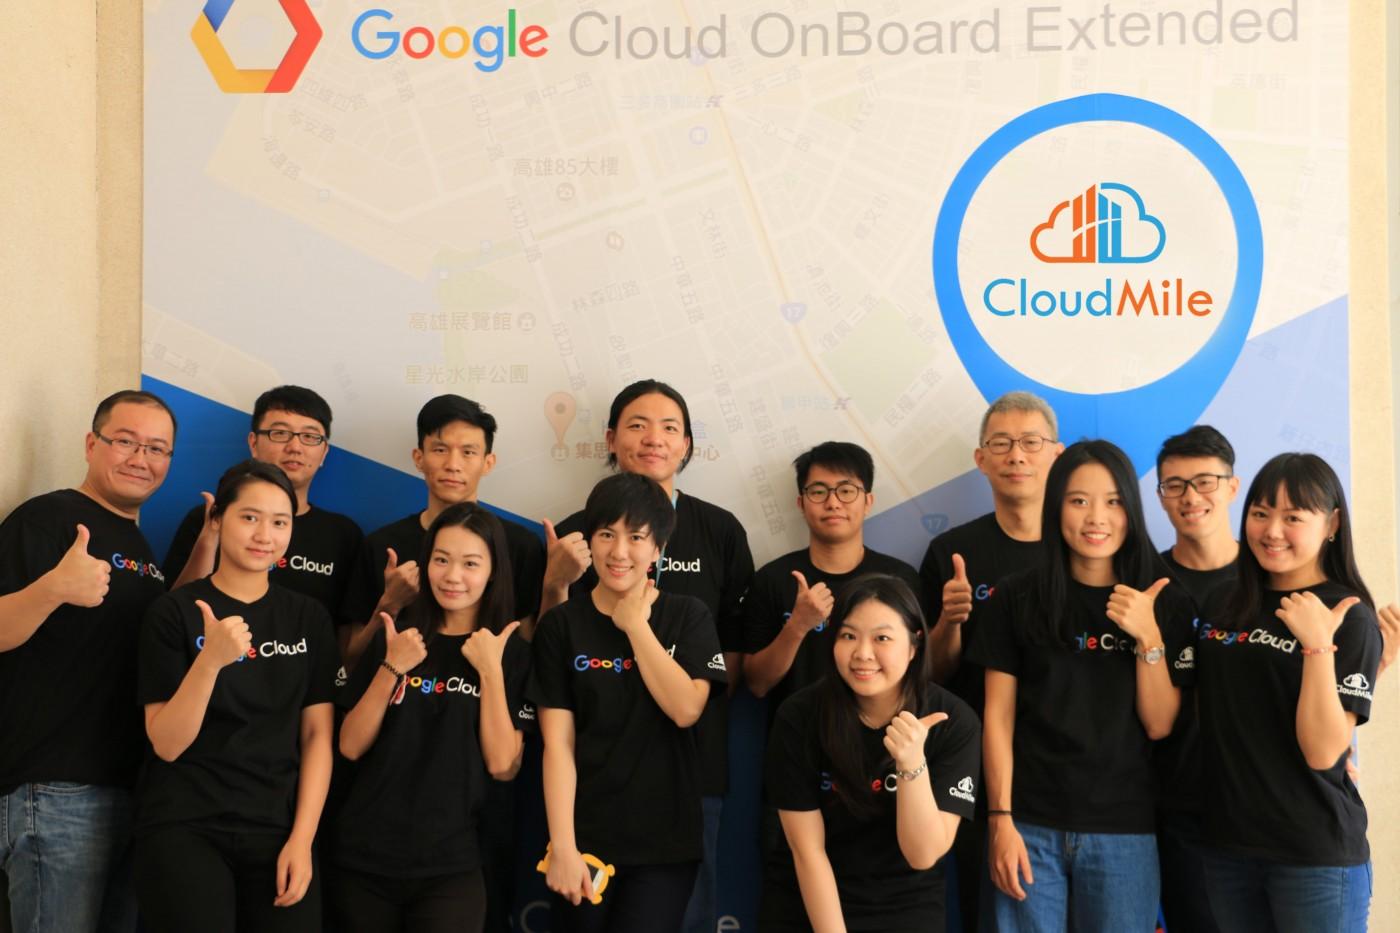 投資人工智慧及雲端人才,晉升亞洲最具技術底蘊雲端團隊